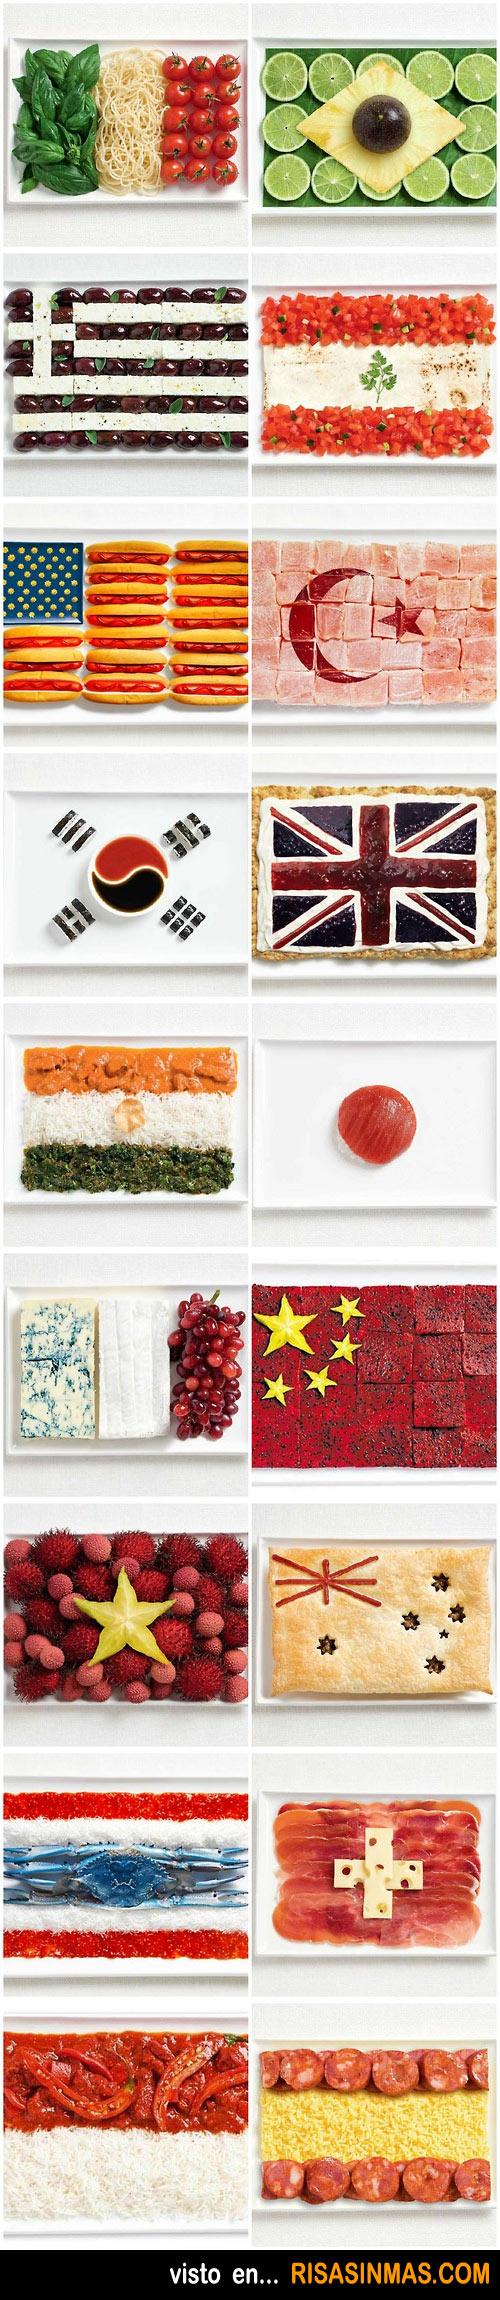 Banderas hechas con comida